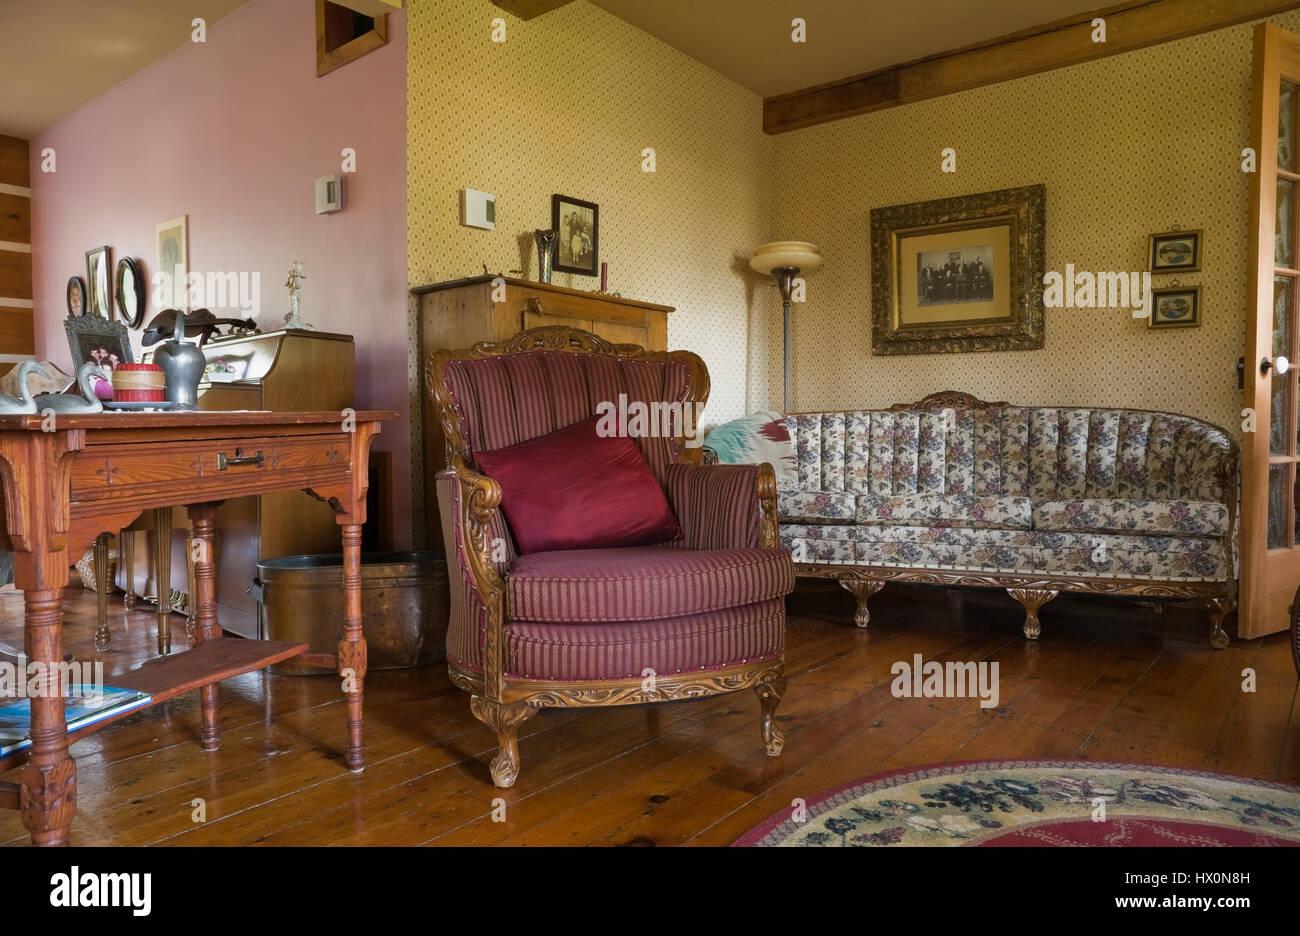 Schon Antike Gepolsterte Sessel Mit Tisch Und Geblümten Sofa In Gelb Und Rosa  Wohnzimmer Von 1741 Altes Haus Interieur.